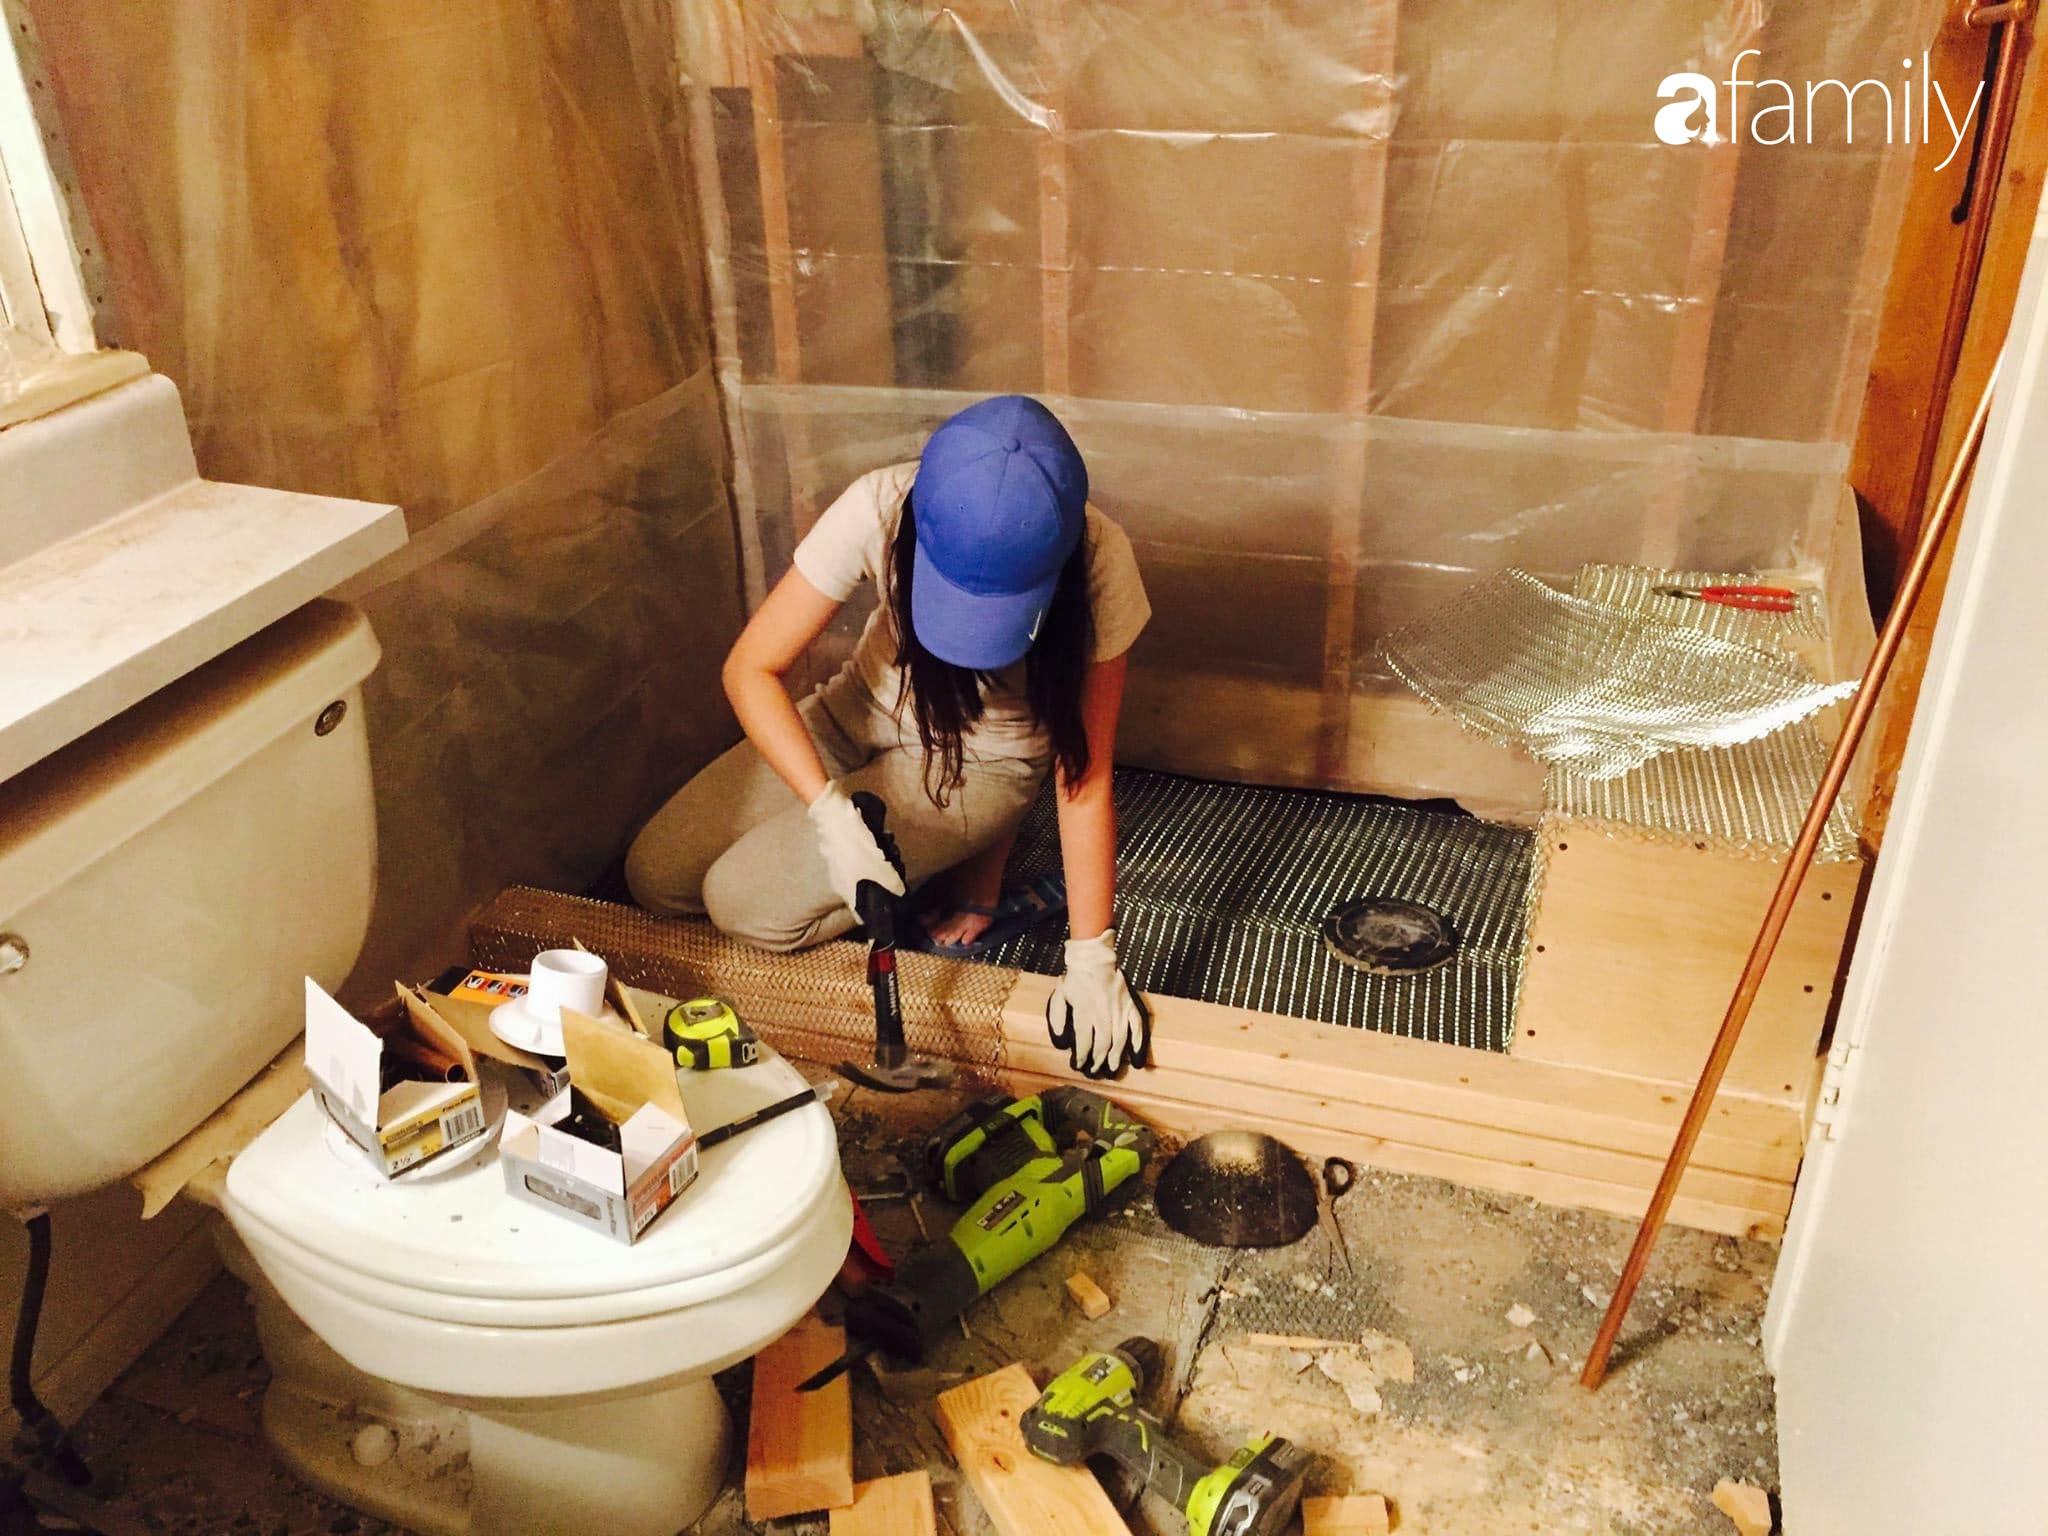 Kỉ niệm 6 năm ngày cưới, cặp vợ chồng Việt khoe khéo không gian phòng tắm tự tay cải tạo từng chút một ở đất Mỹ - Ảnh 7.